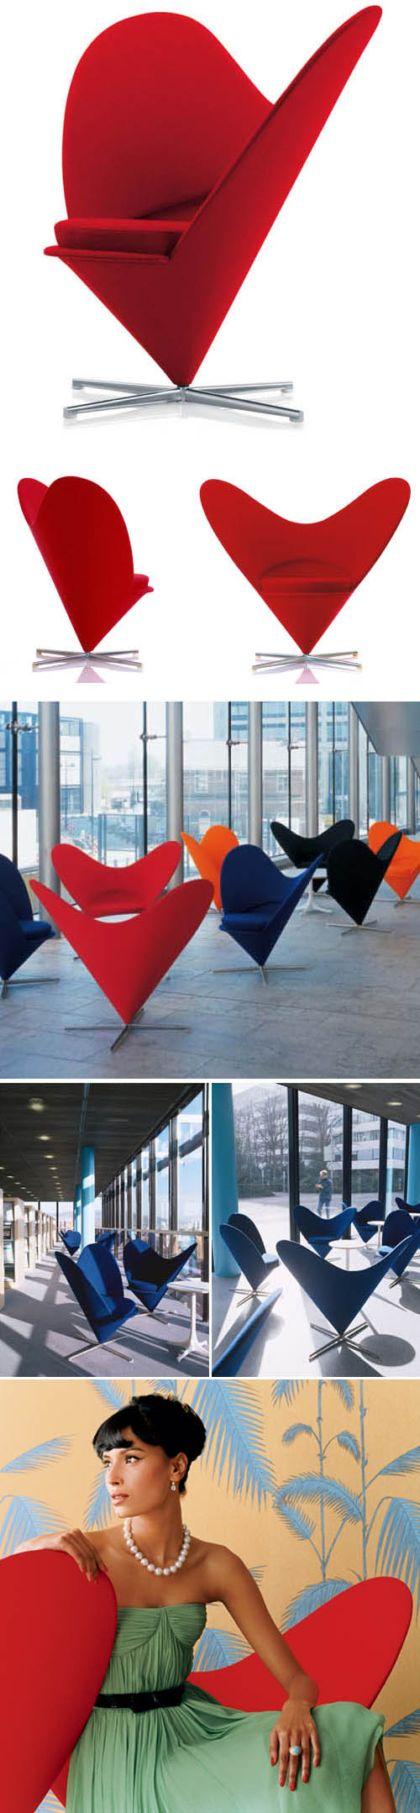 Panton heart chair - Verner Panton